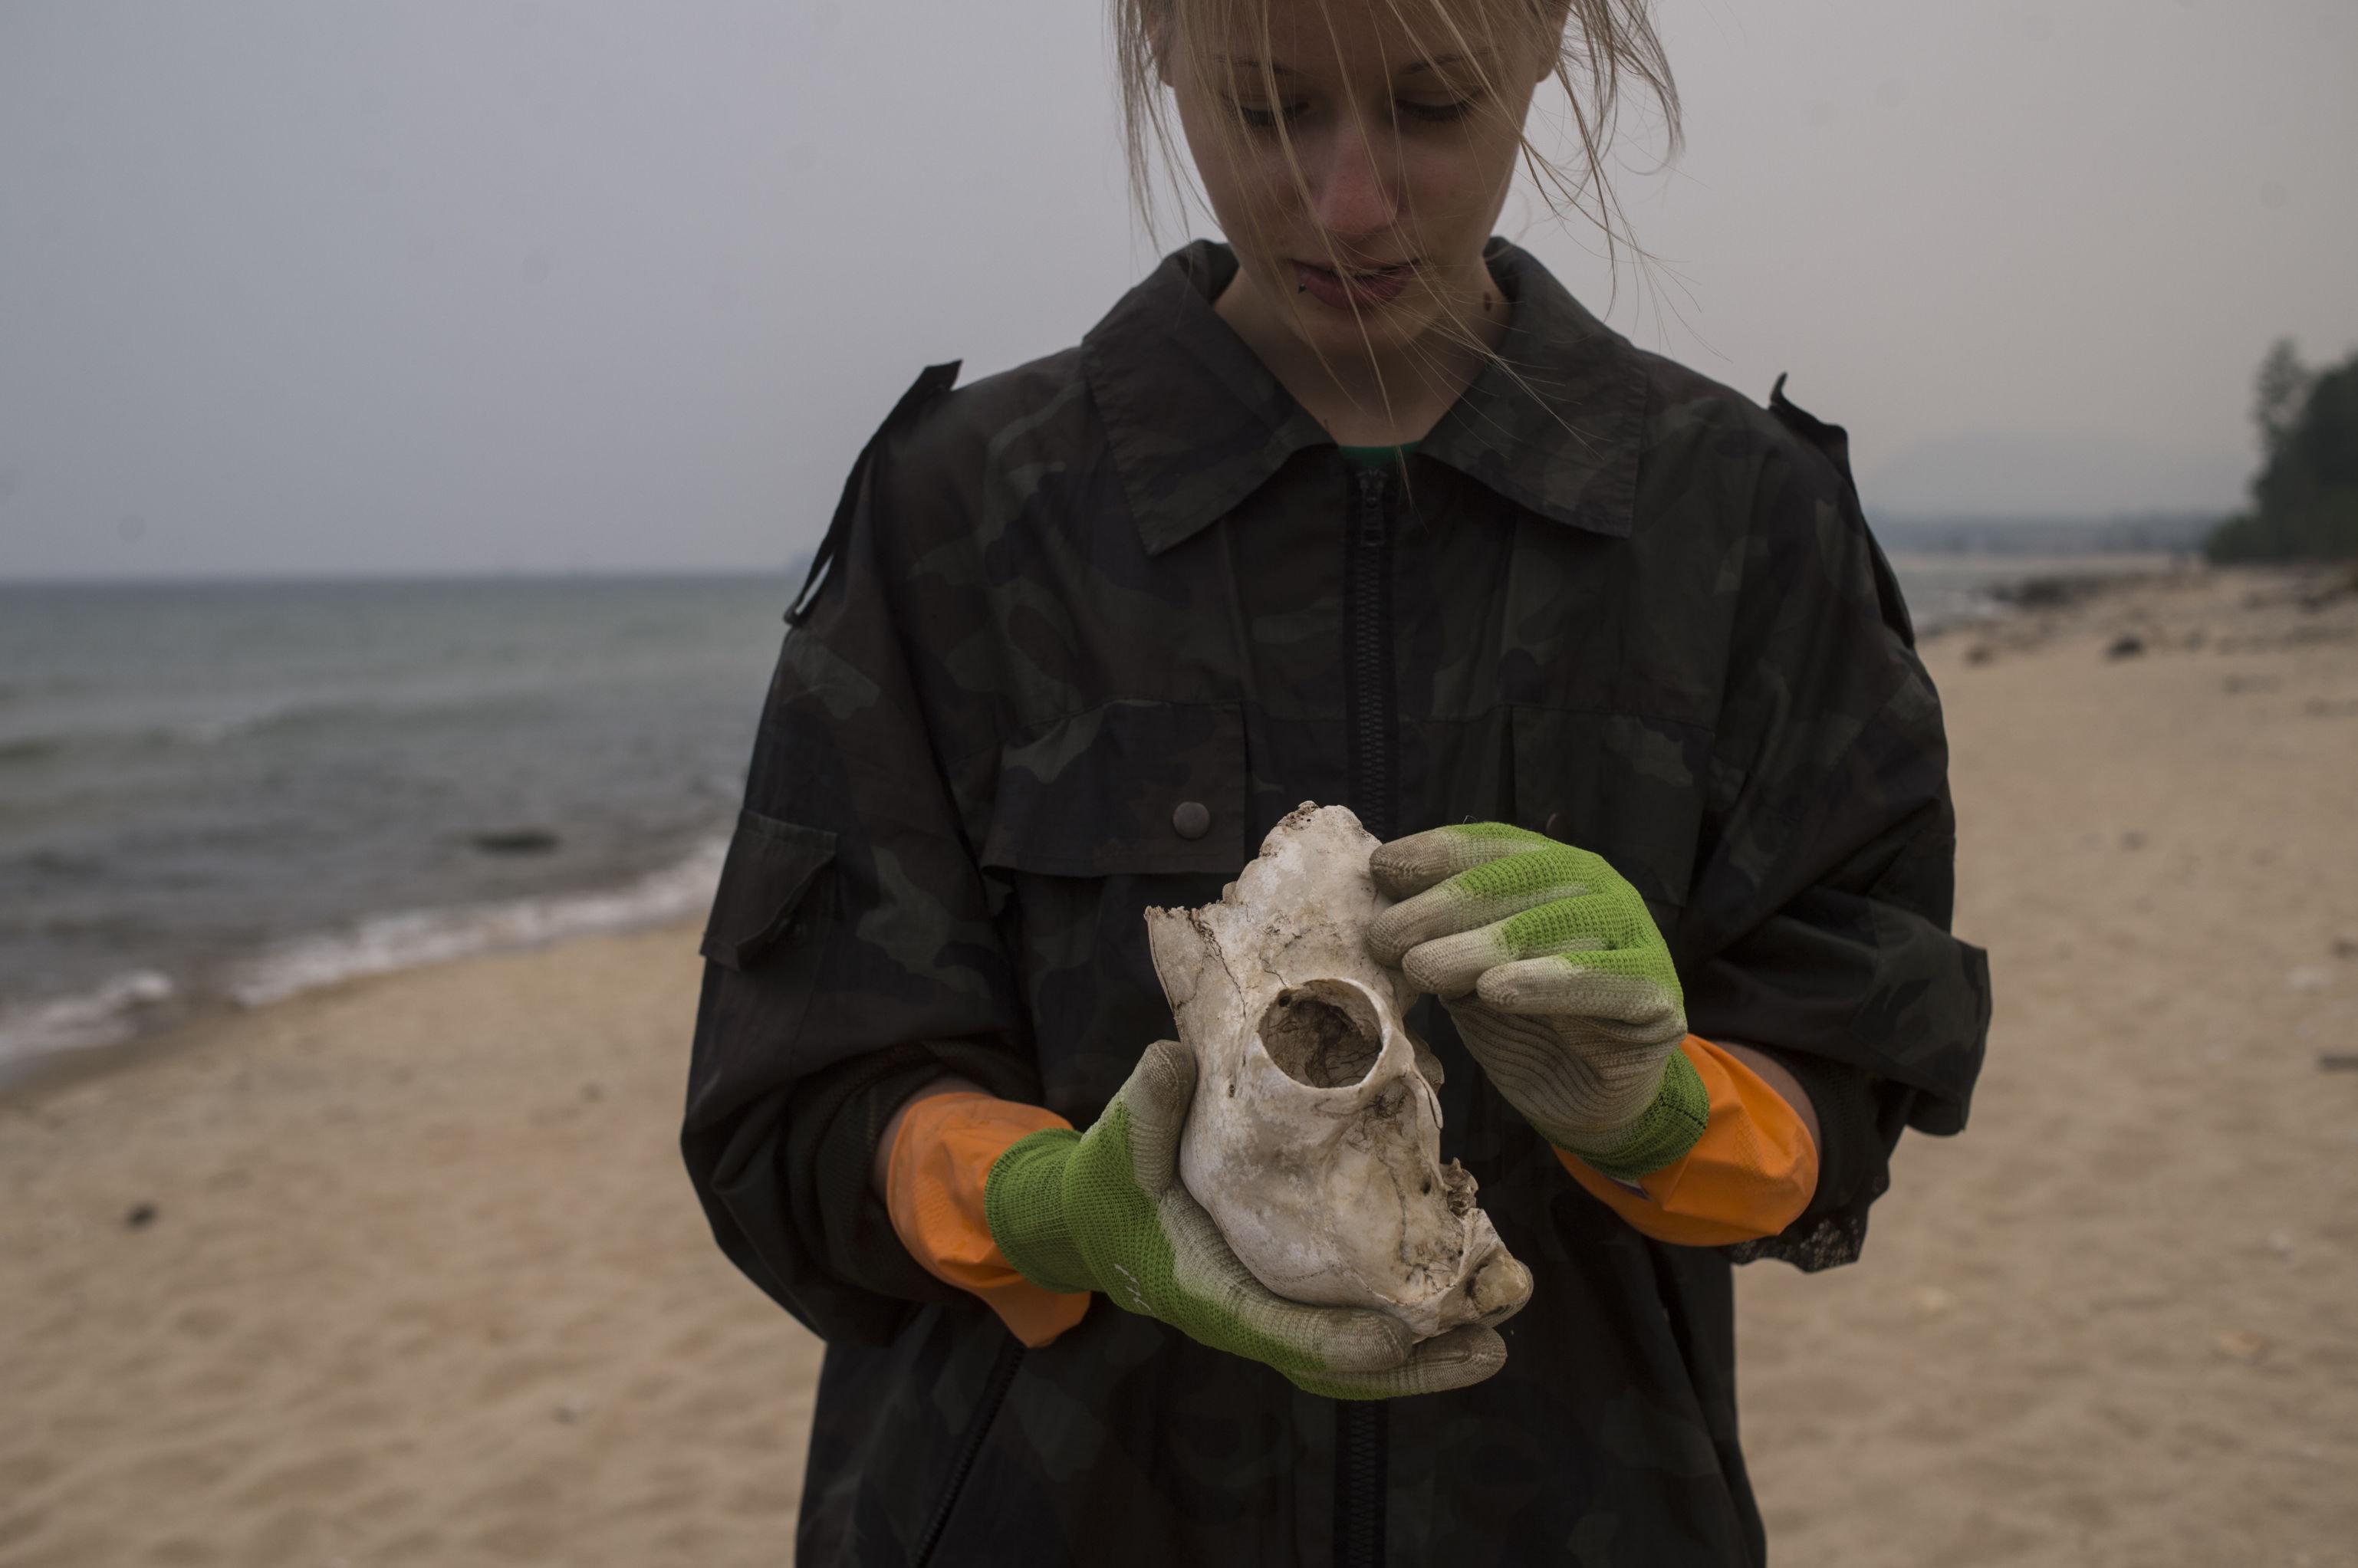 Una voluntaria de la Guardia costera del Baikal durante la recolección de basura en la costa del lago.